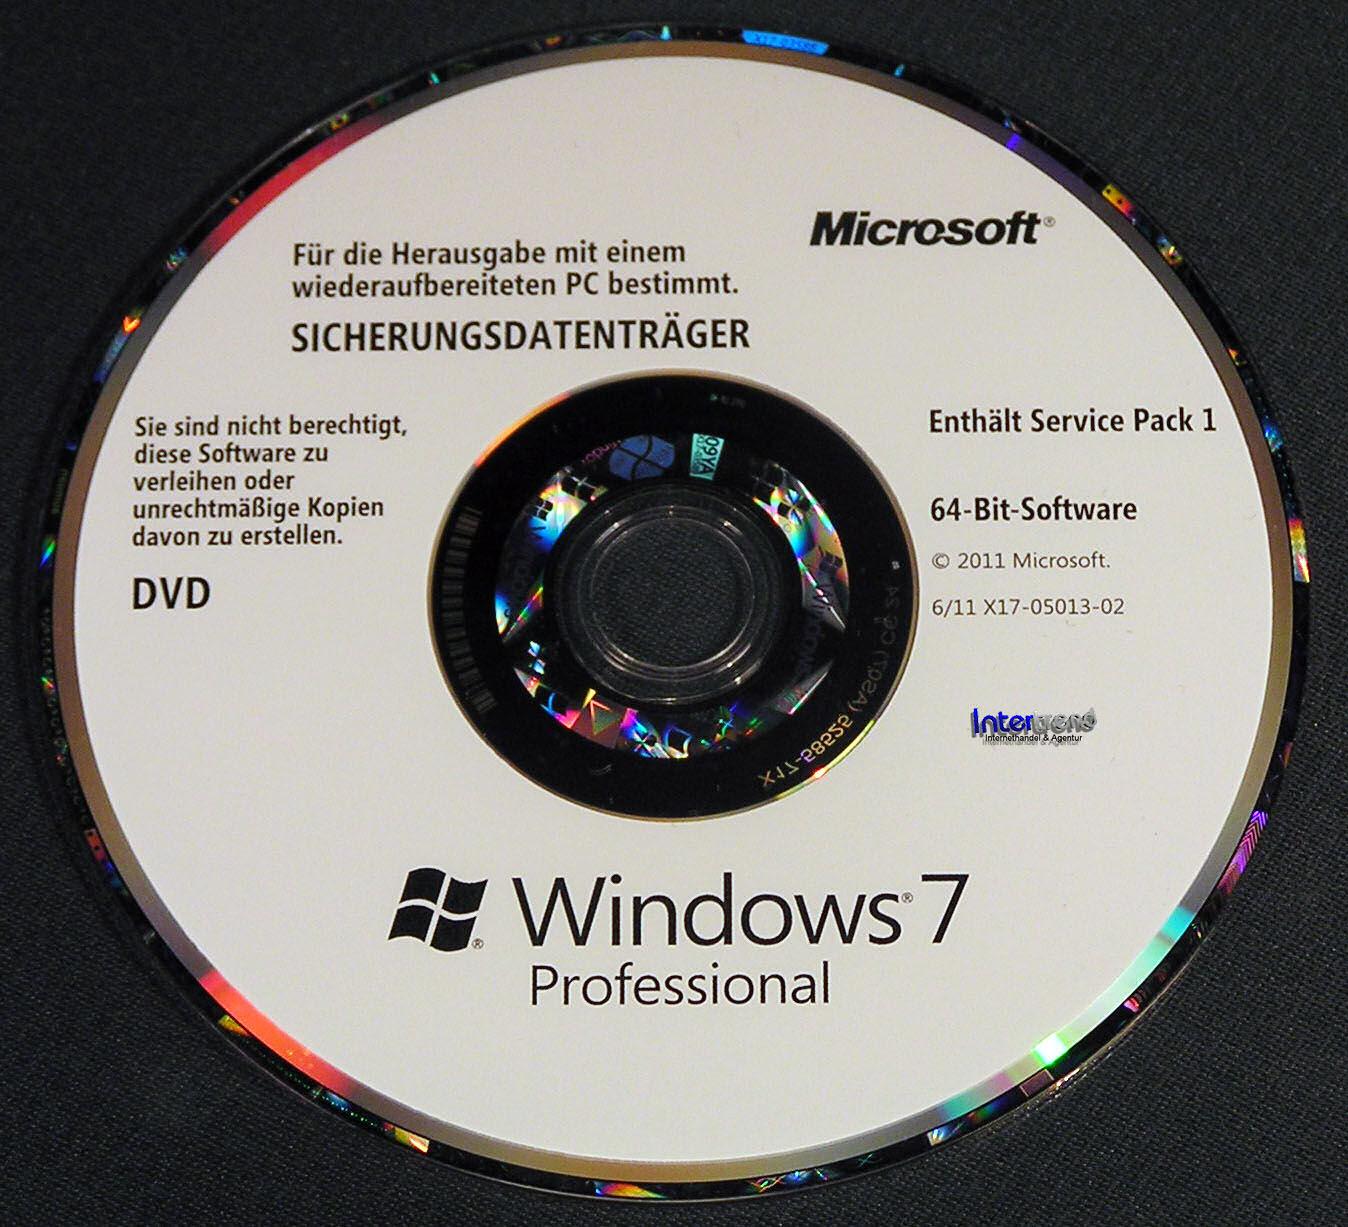 Windows 7 Editionen auf einen Blick___